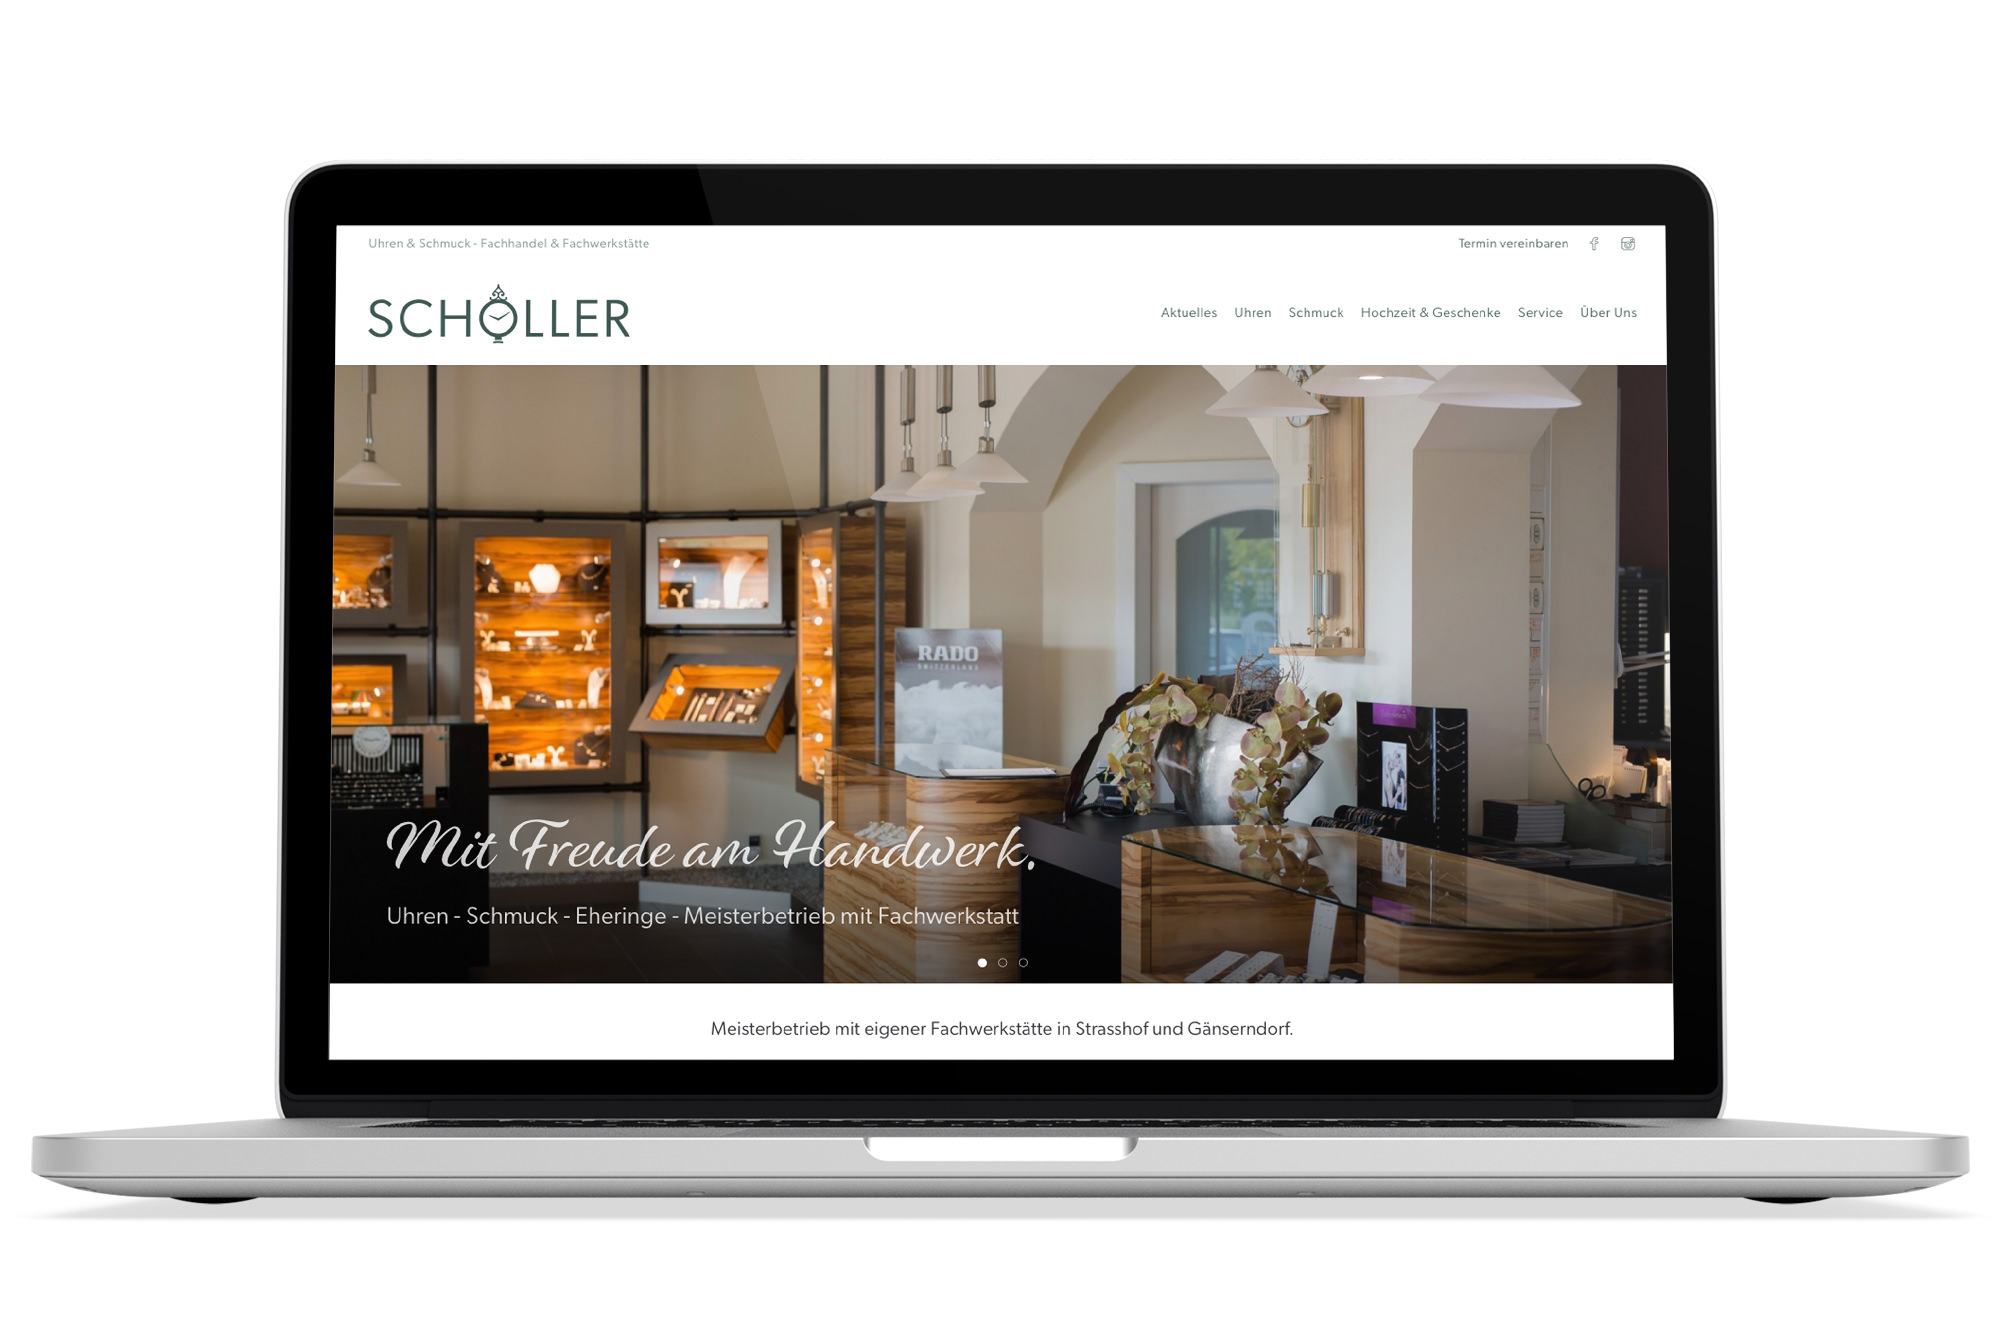 Responsive Webdesign Beispiel: Neue mobile Webseite für Juwelier - Uhren & Schmuck